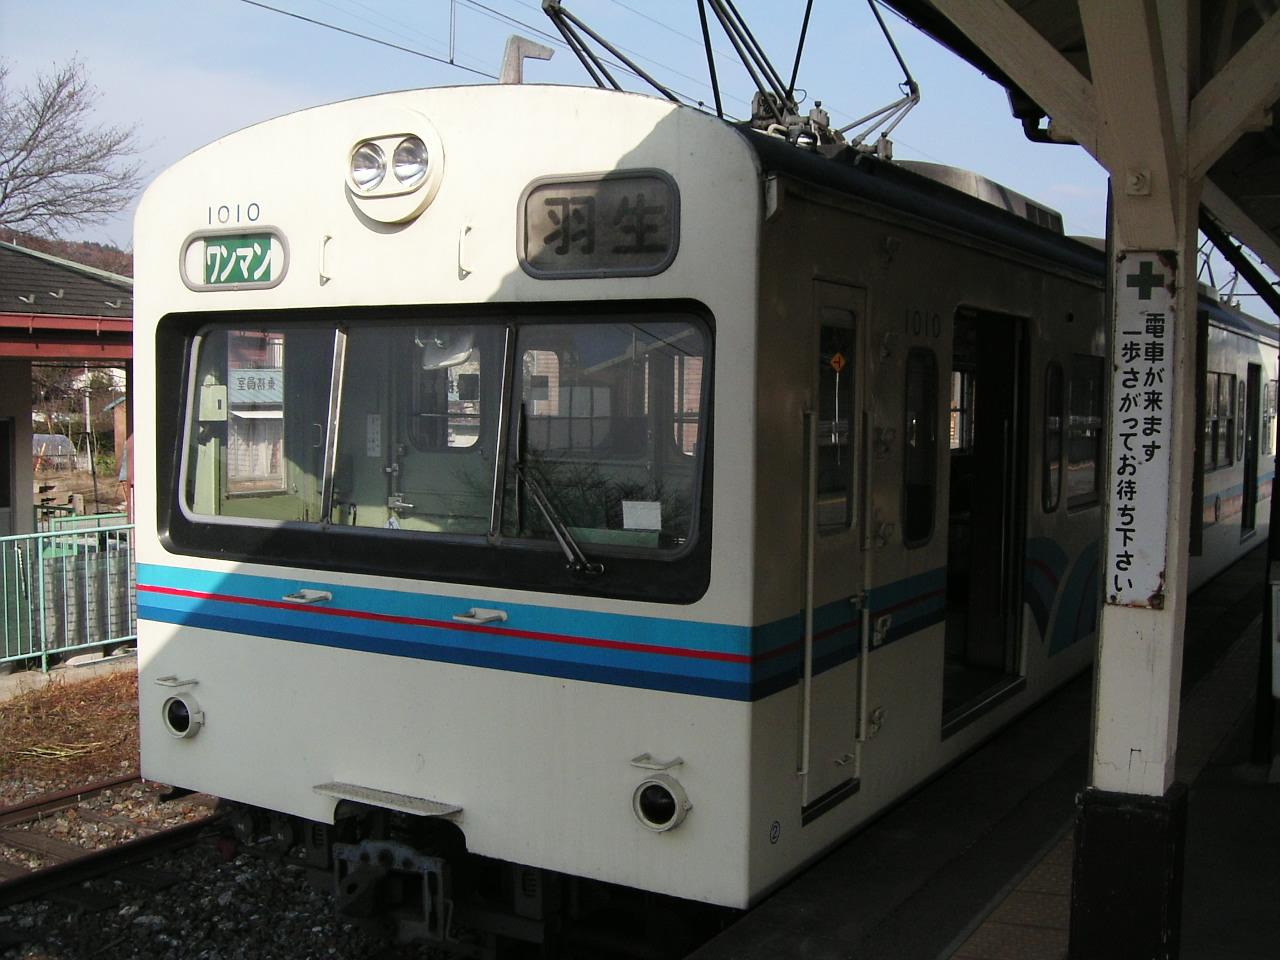 Kif_4745